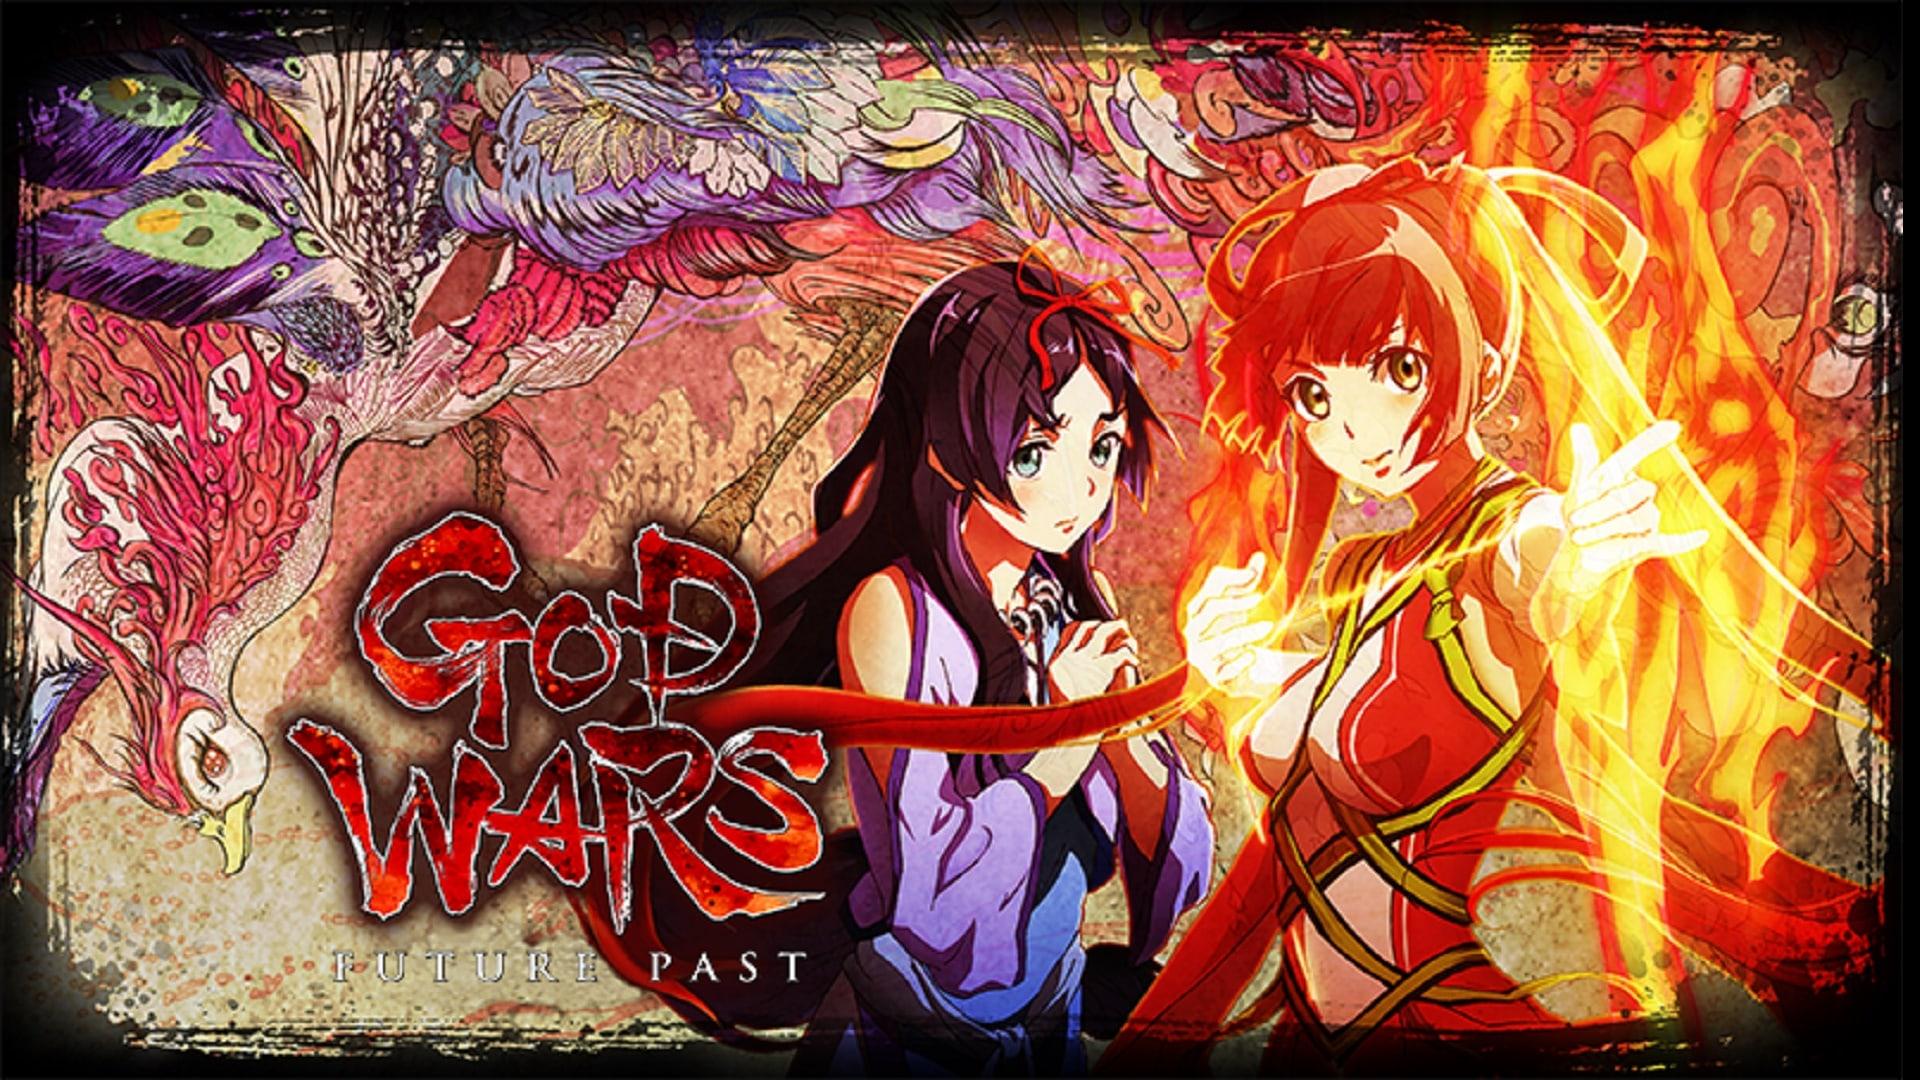 Ambice japonských studií pro rok 2021 god wars cover min